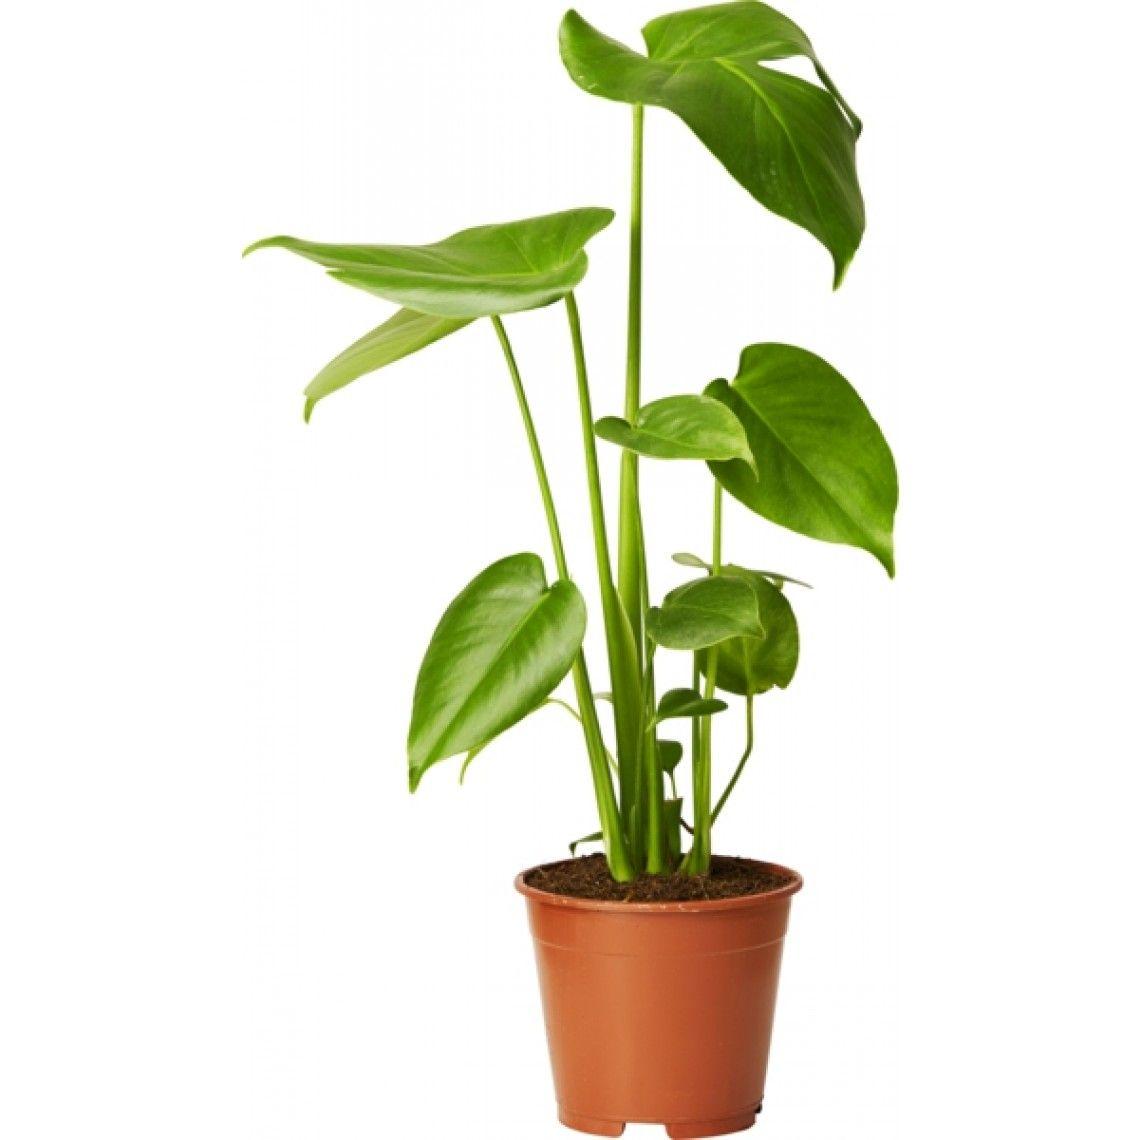 gröna bladväxter inomhus